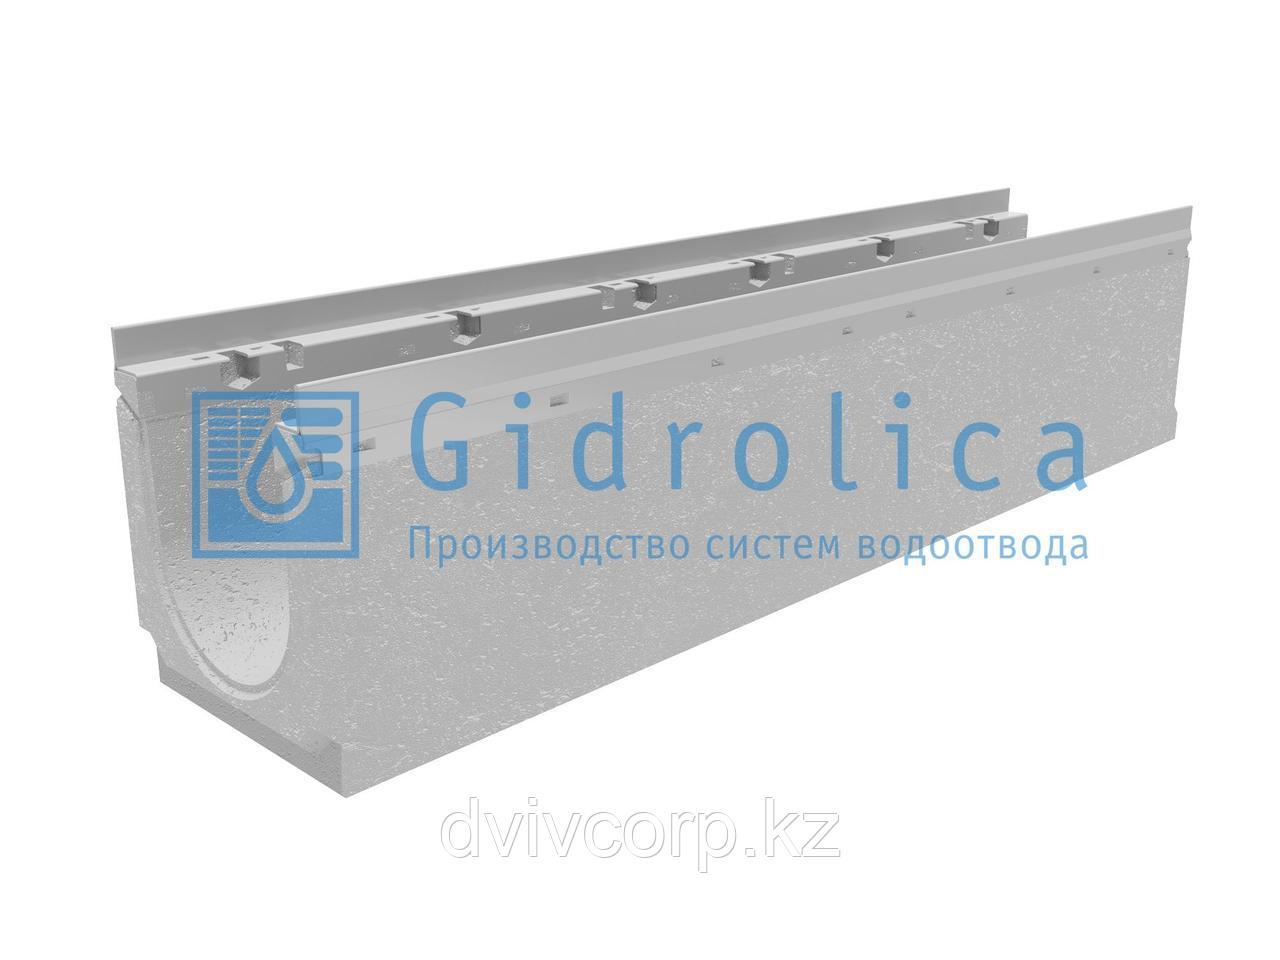 Лоток водоотводный бетонный коробчатый (СО-150мм), с оцинкованной насадкой, с уклоном 0,5%  КUу 100.21,3